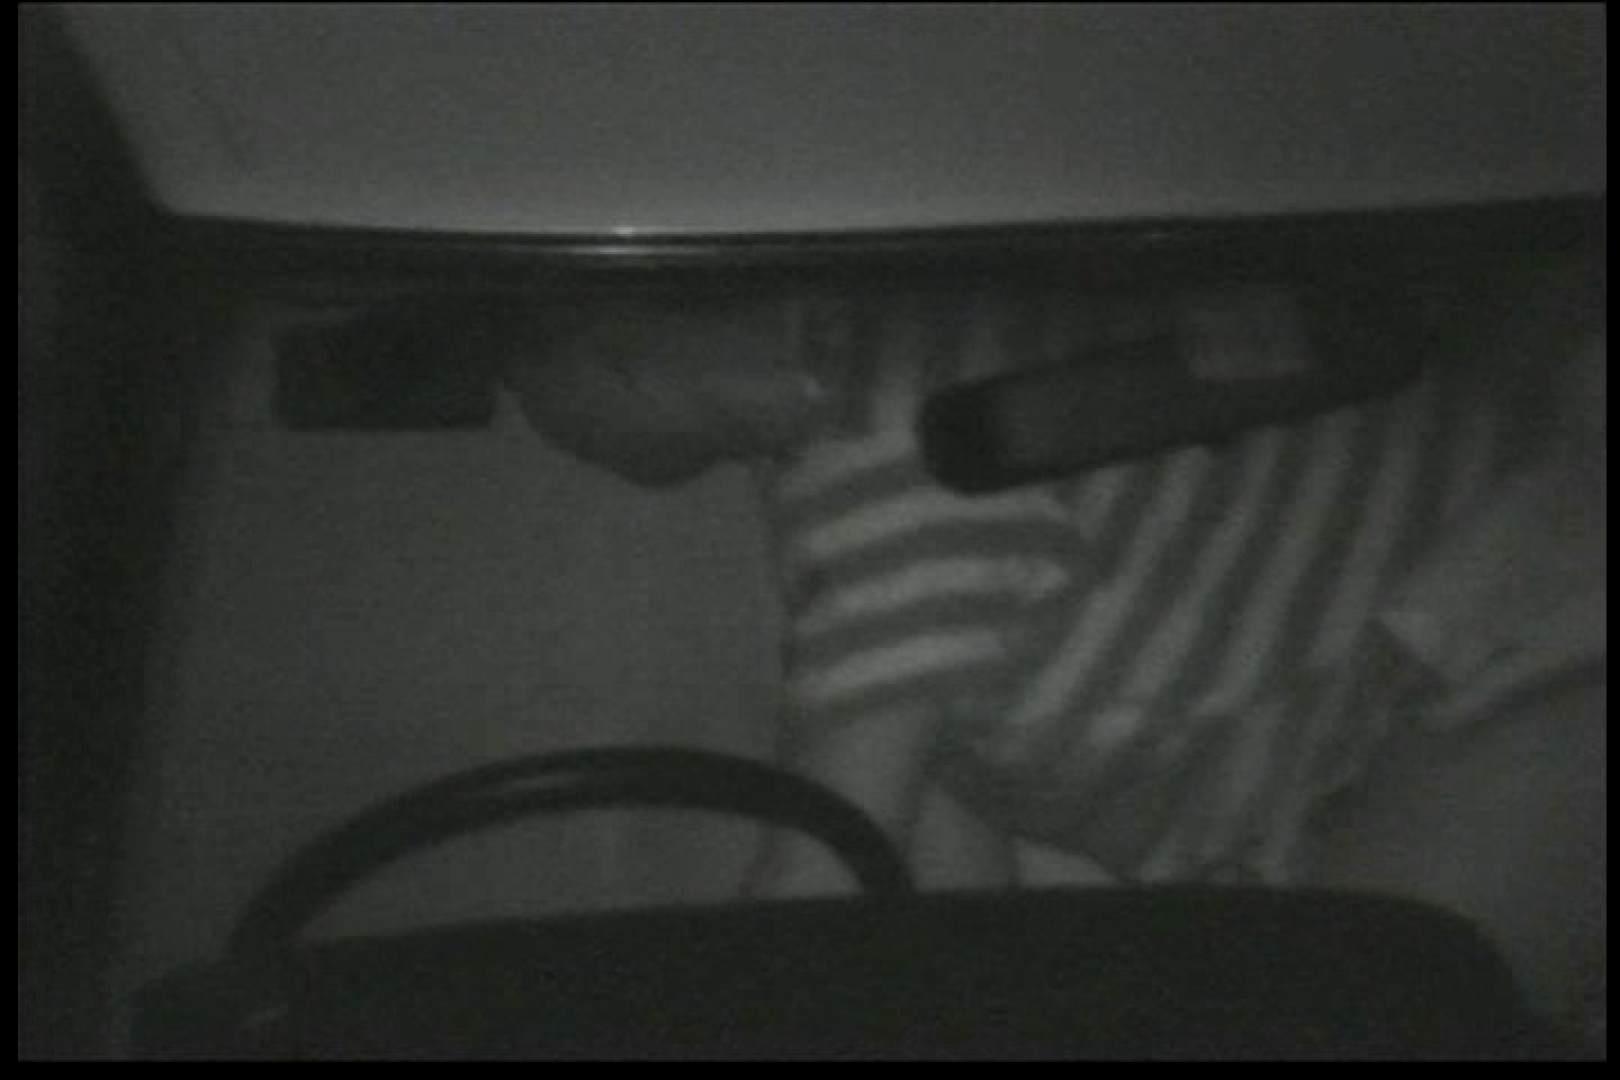 車の中はラブホテル 無修正版  Vol.12 エロティックなOL 盗み撮り動画 93画像 66